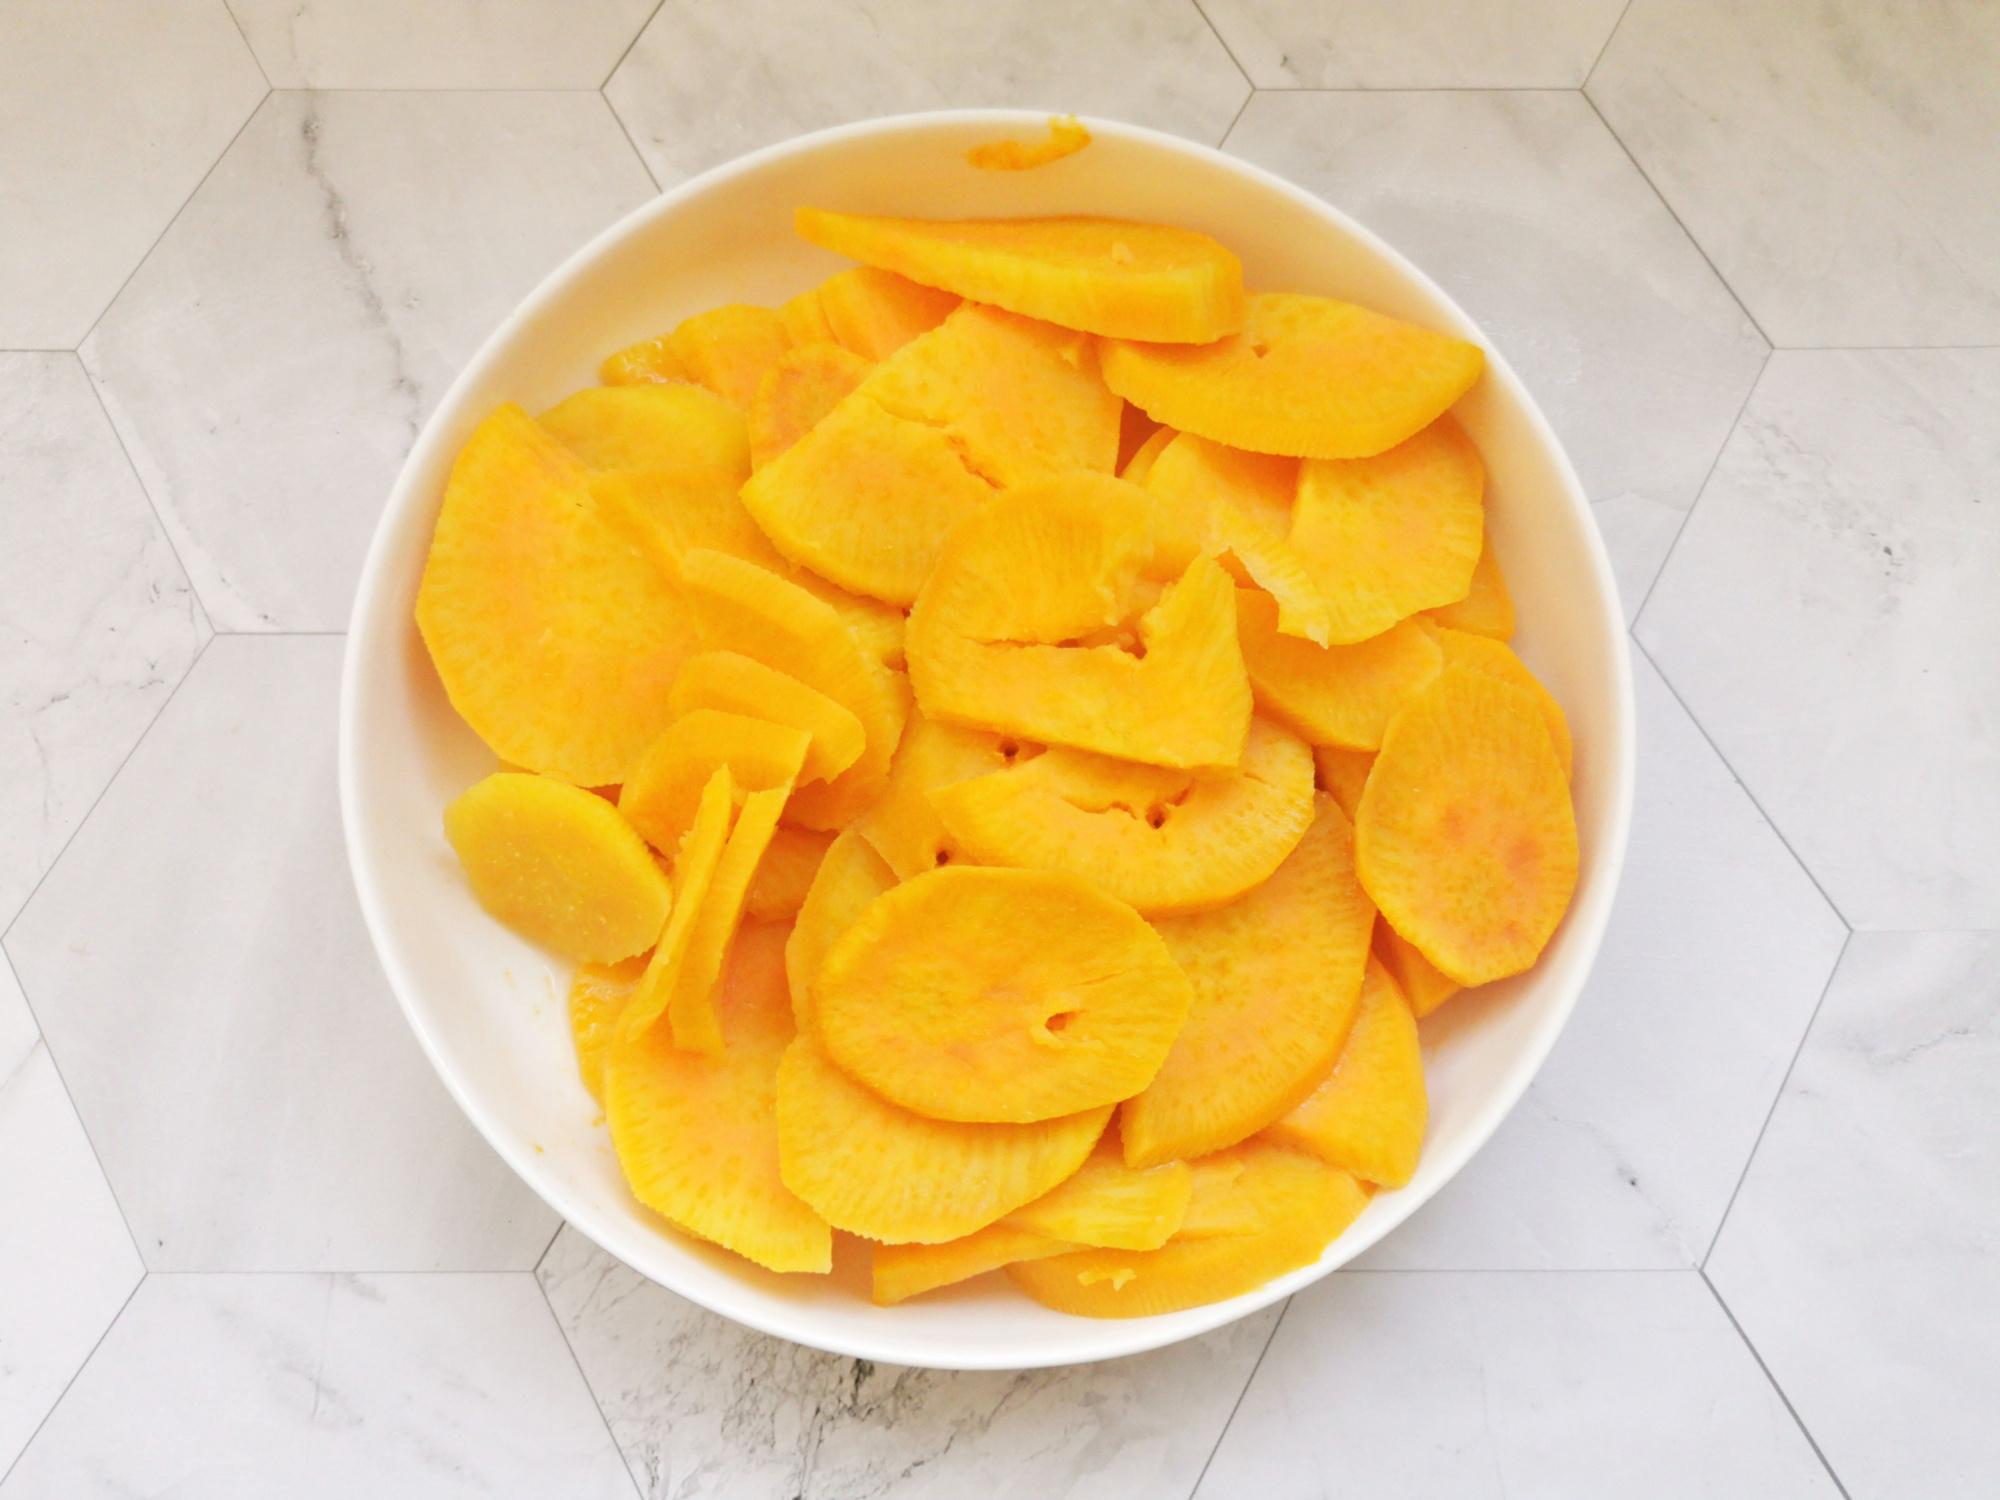 天冷,少吃水果多吃紅薯,2塊錢一斤,蒸熟烤一烤,甜品店賣20